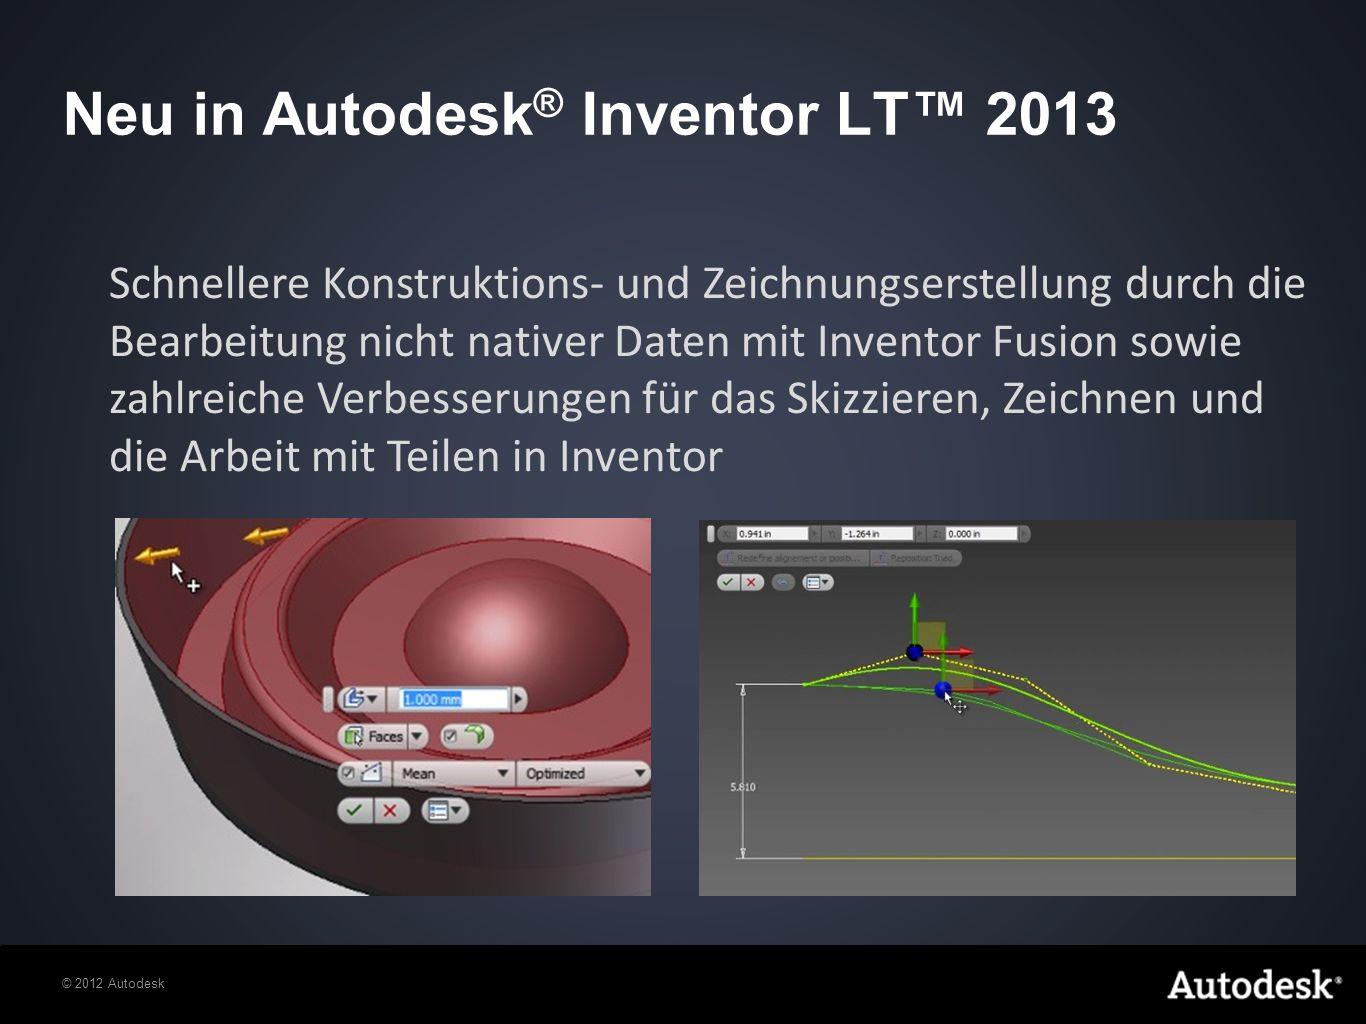 Neu in Autodesk ® Inventor LT 2013 Schnellere Konstruktions- und Zeichnungserstellung durch die Bearbeitung nicht nativer Daten mit Inventor Fusion sowie zahlreiche Verbesserungen für das Skizzieren, Zeichnen und die Arbeit mit Teilen in Inventor